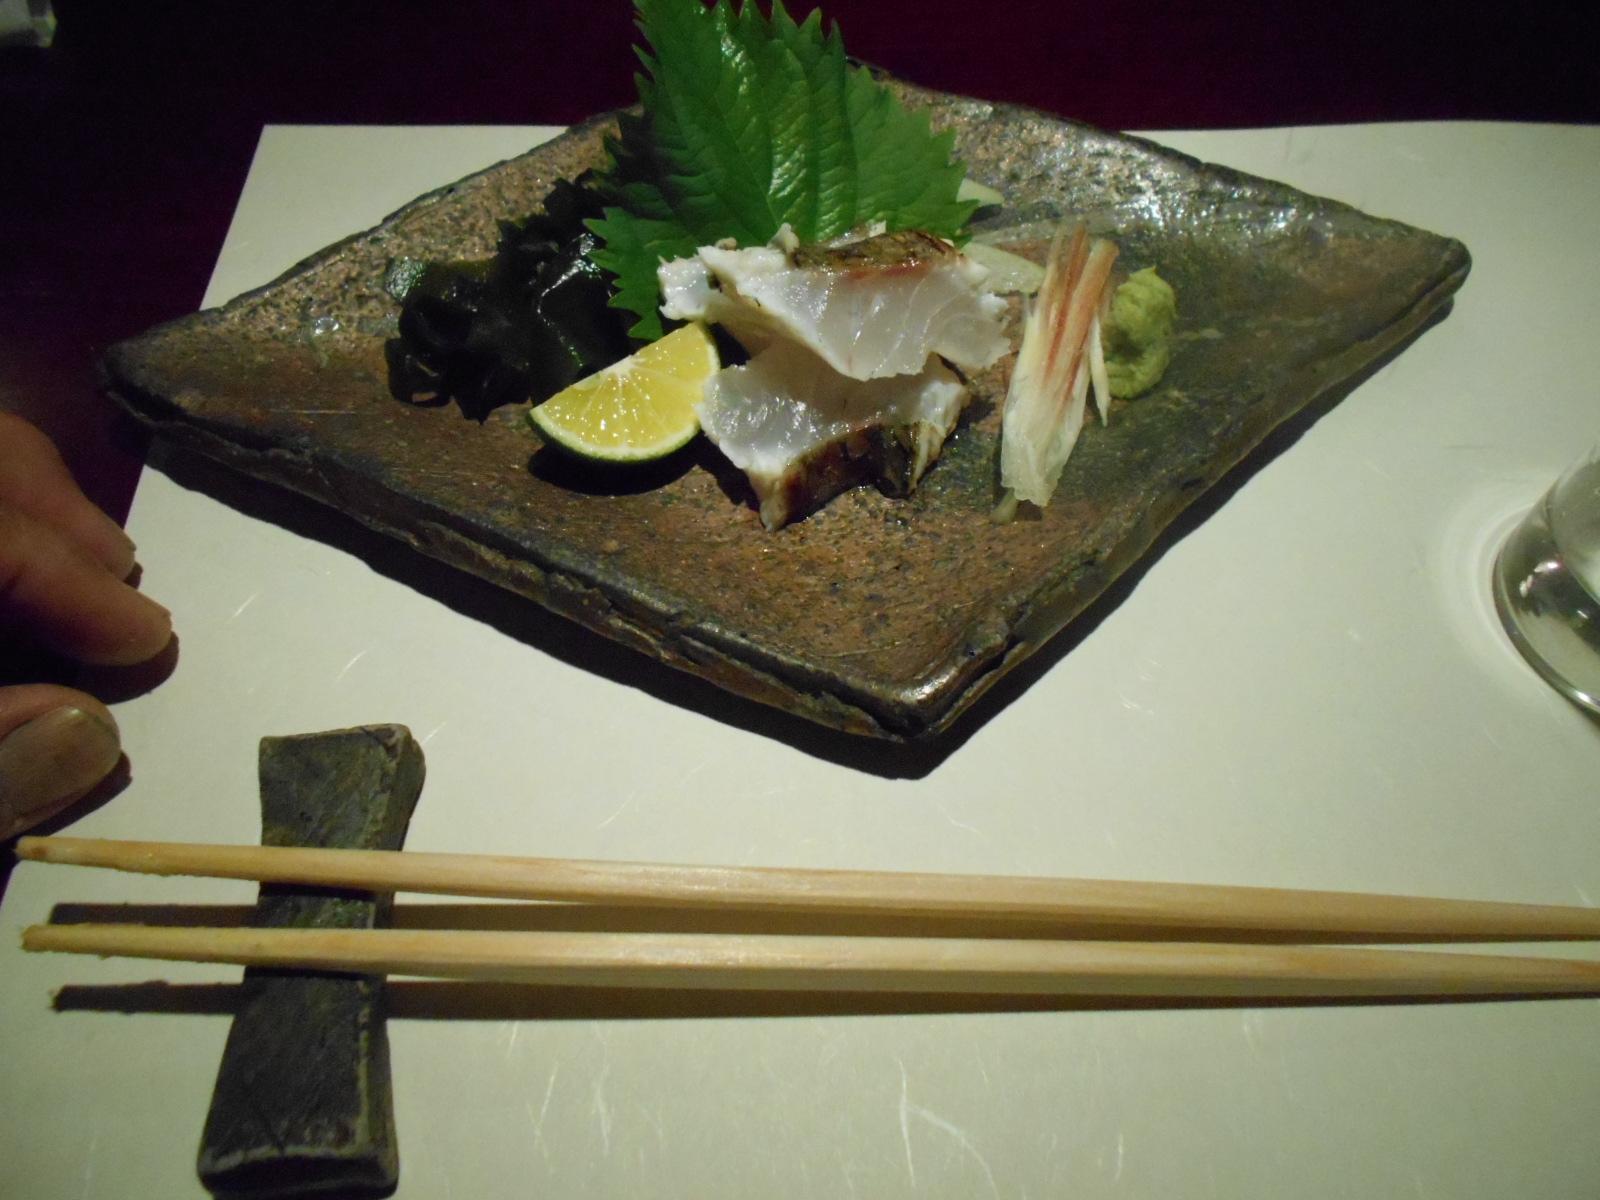 美味しい食材を共有して頂きたく_e0146402_21592495.jpg